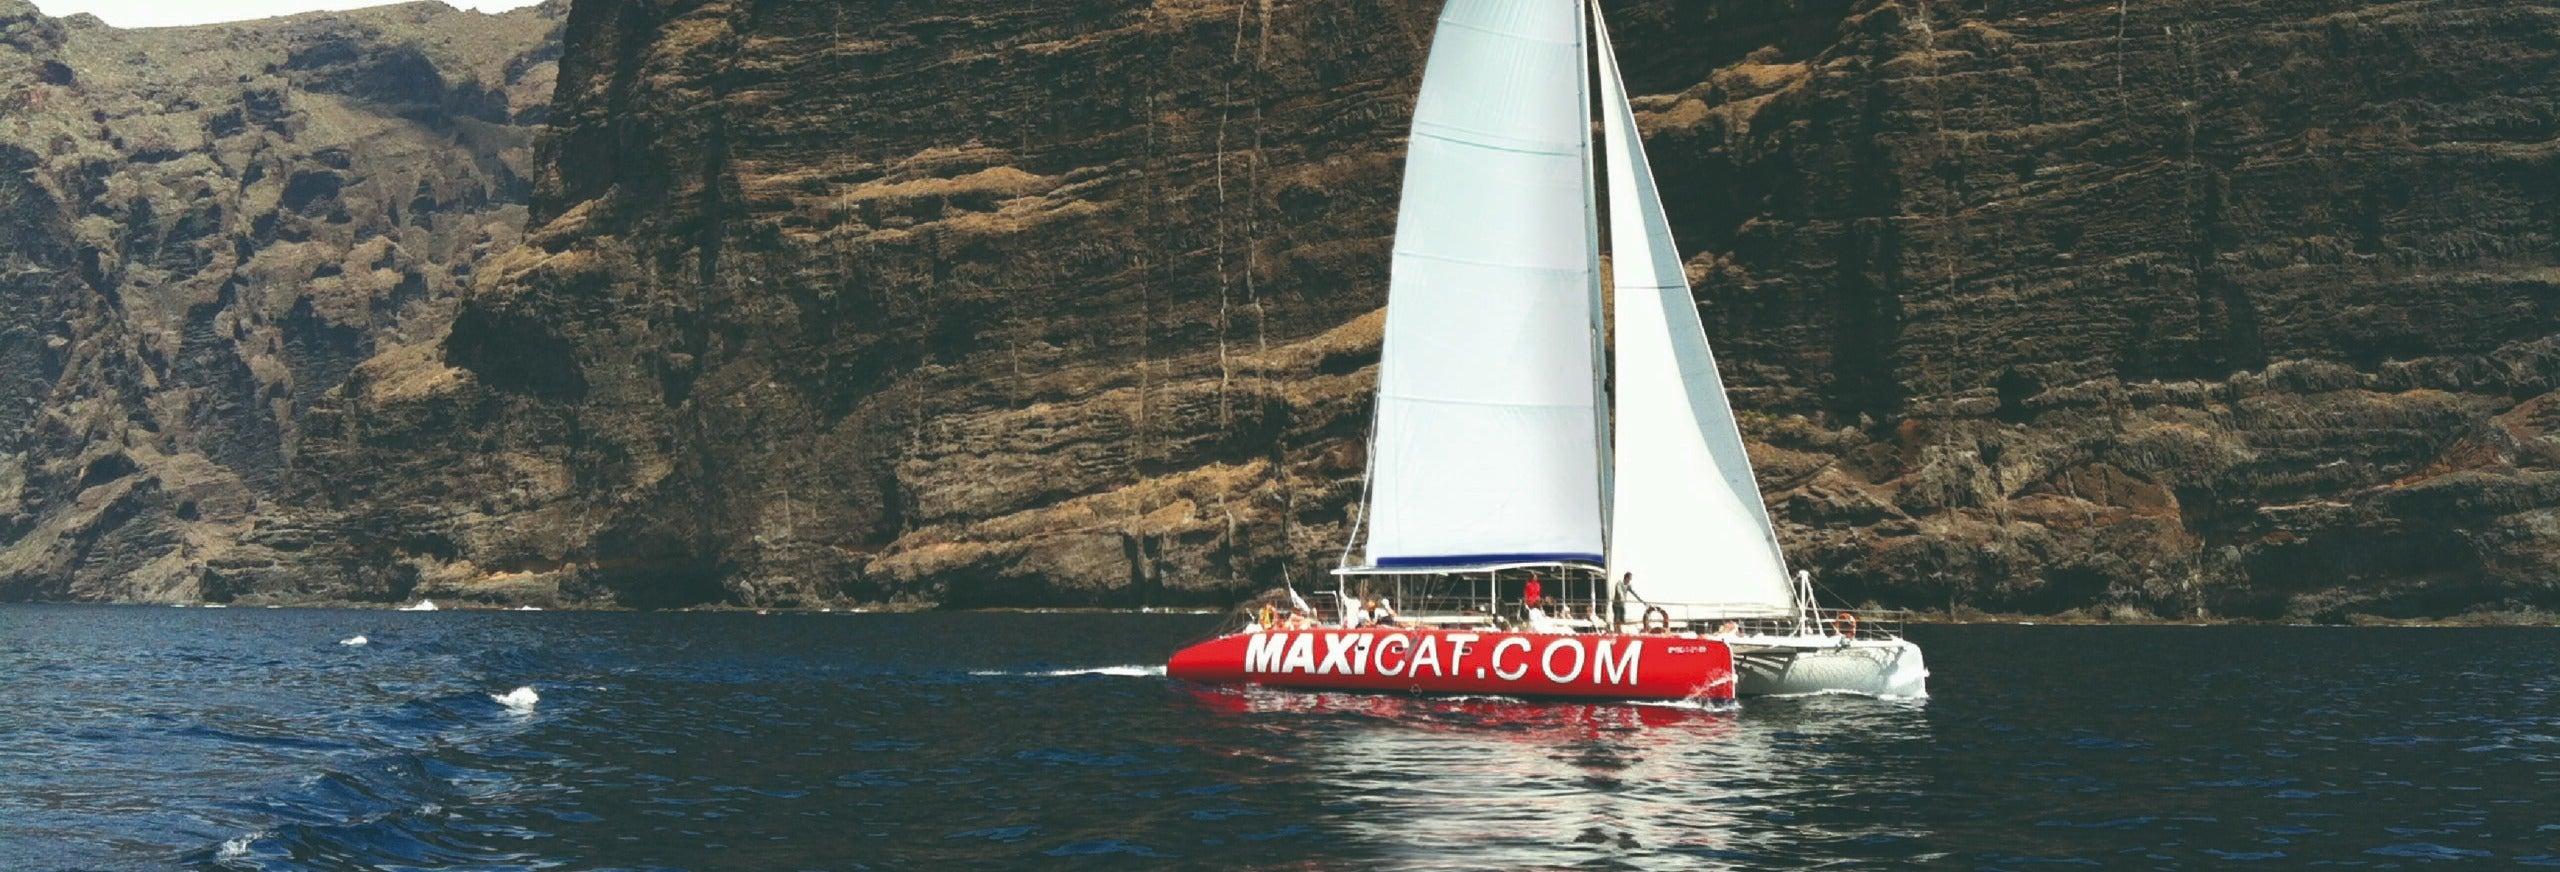 Passeio de catamarã por Los Gigantes, Costa Adeje e Masca